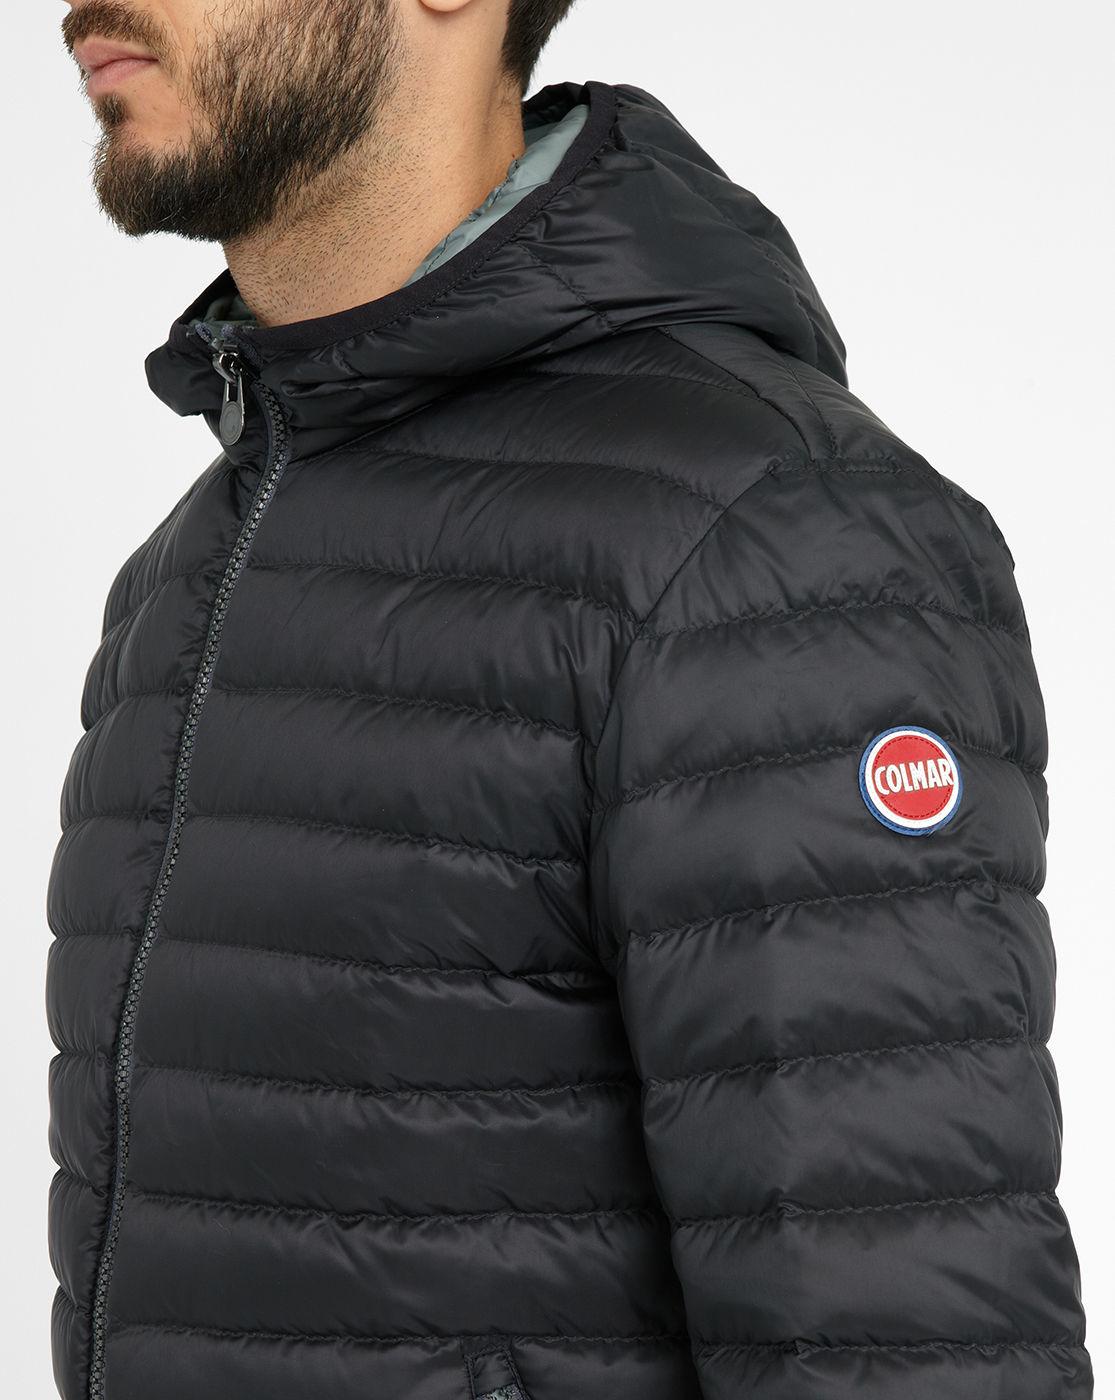 colmar black light 1277 hooded down jacket in black for men lyst. Black Bedroom Furniture Sets. Home Design Ideas